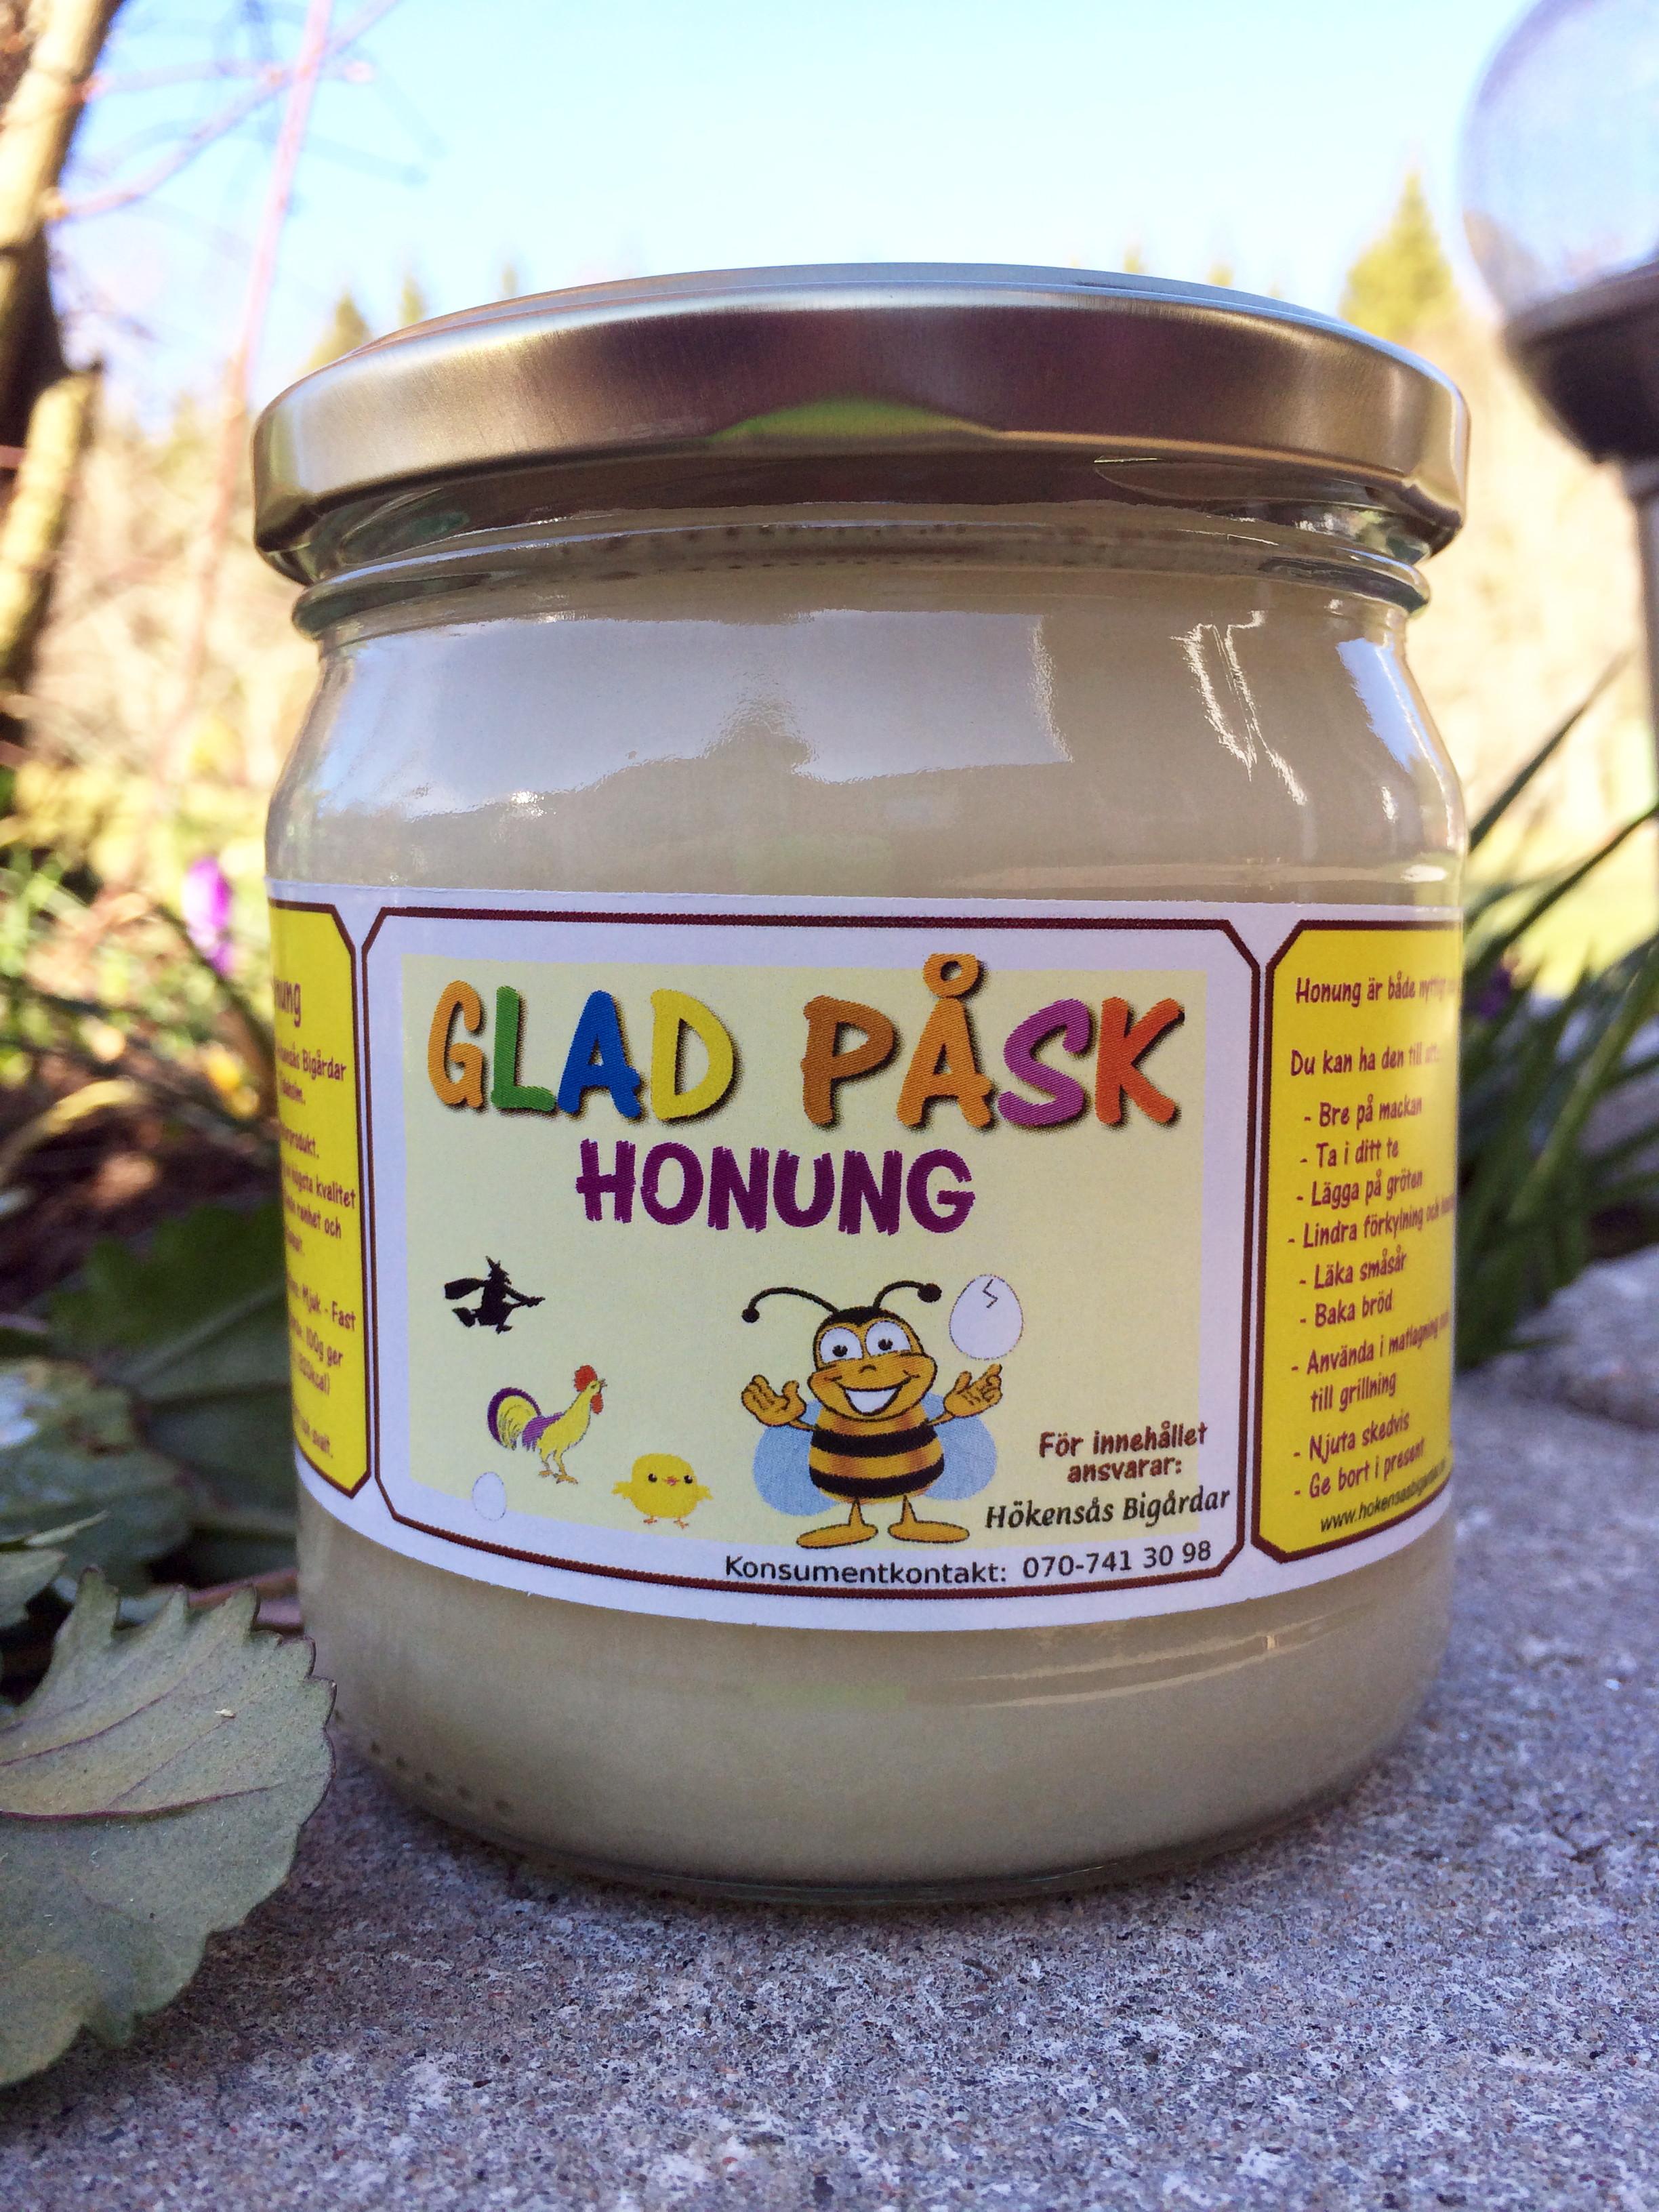 Honung Hökensås Bigårdar